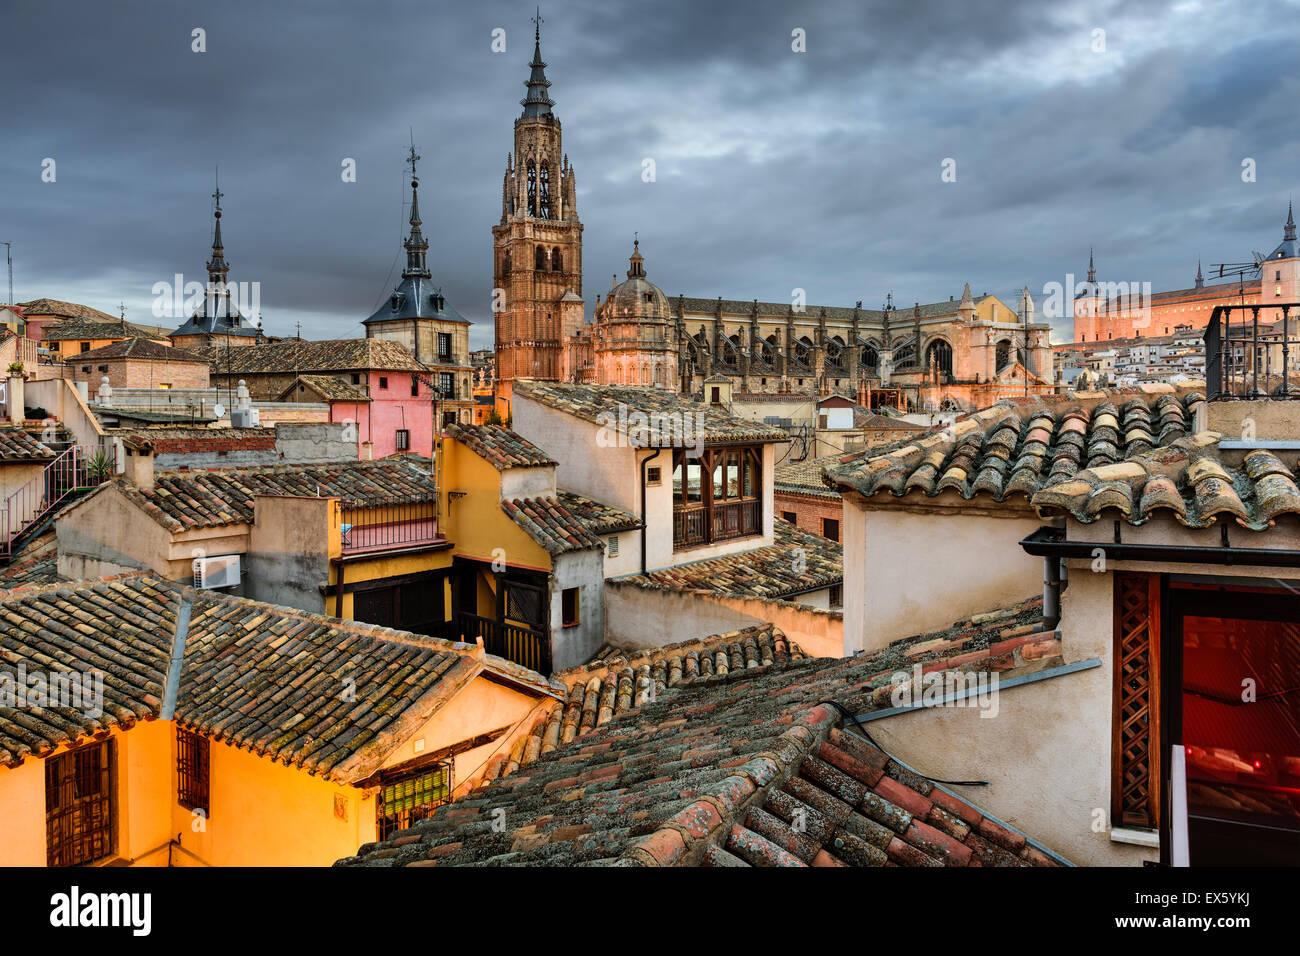 Toledo, Spagna vista della città da un tetto. Immagini Stock